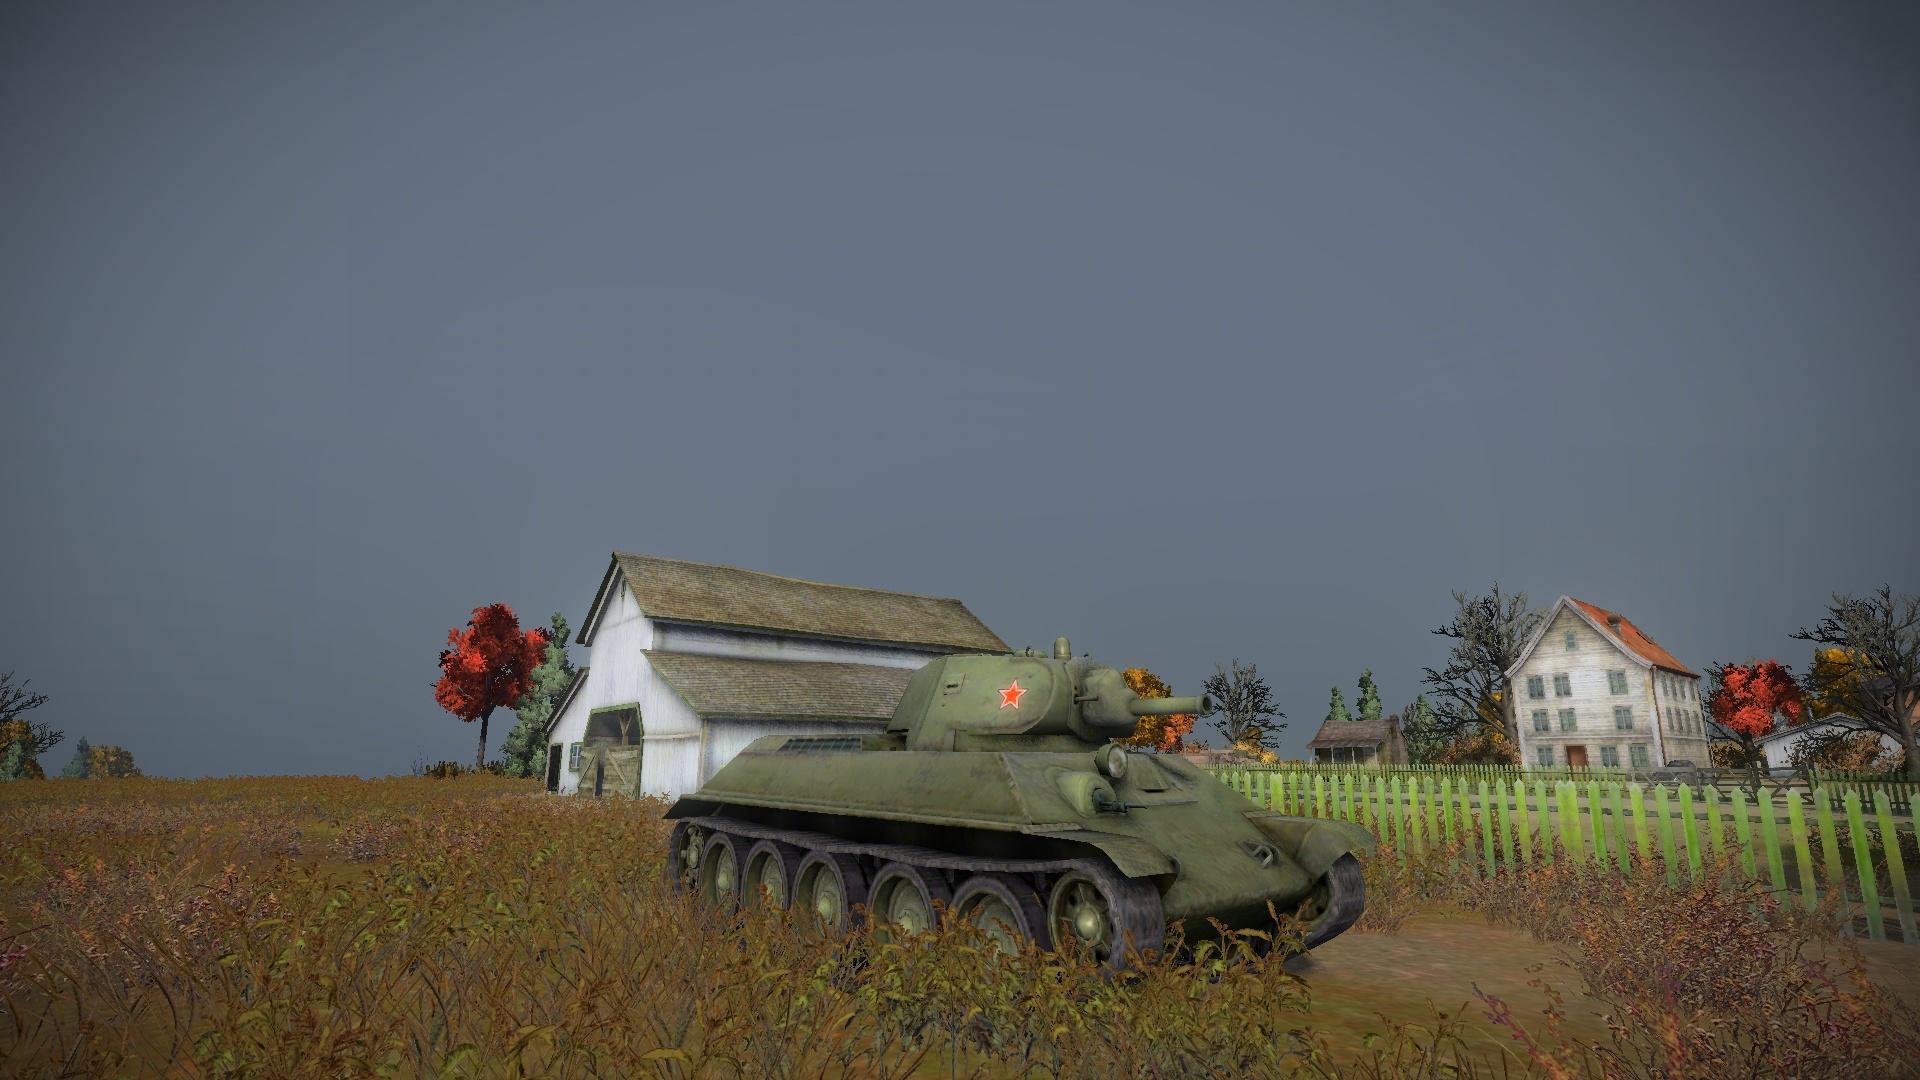 Продать танк за золото 20 фотография